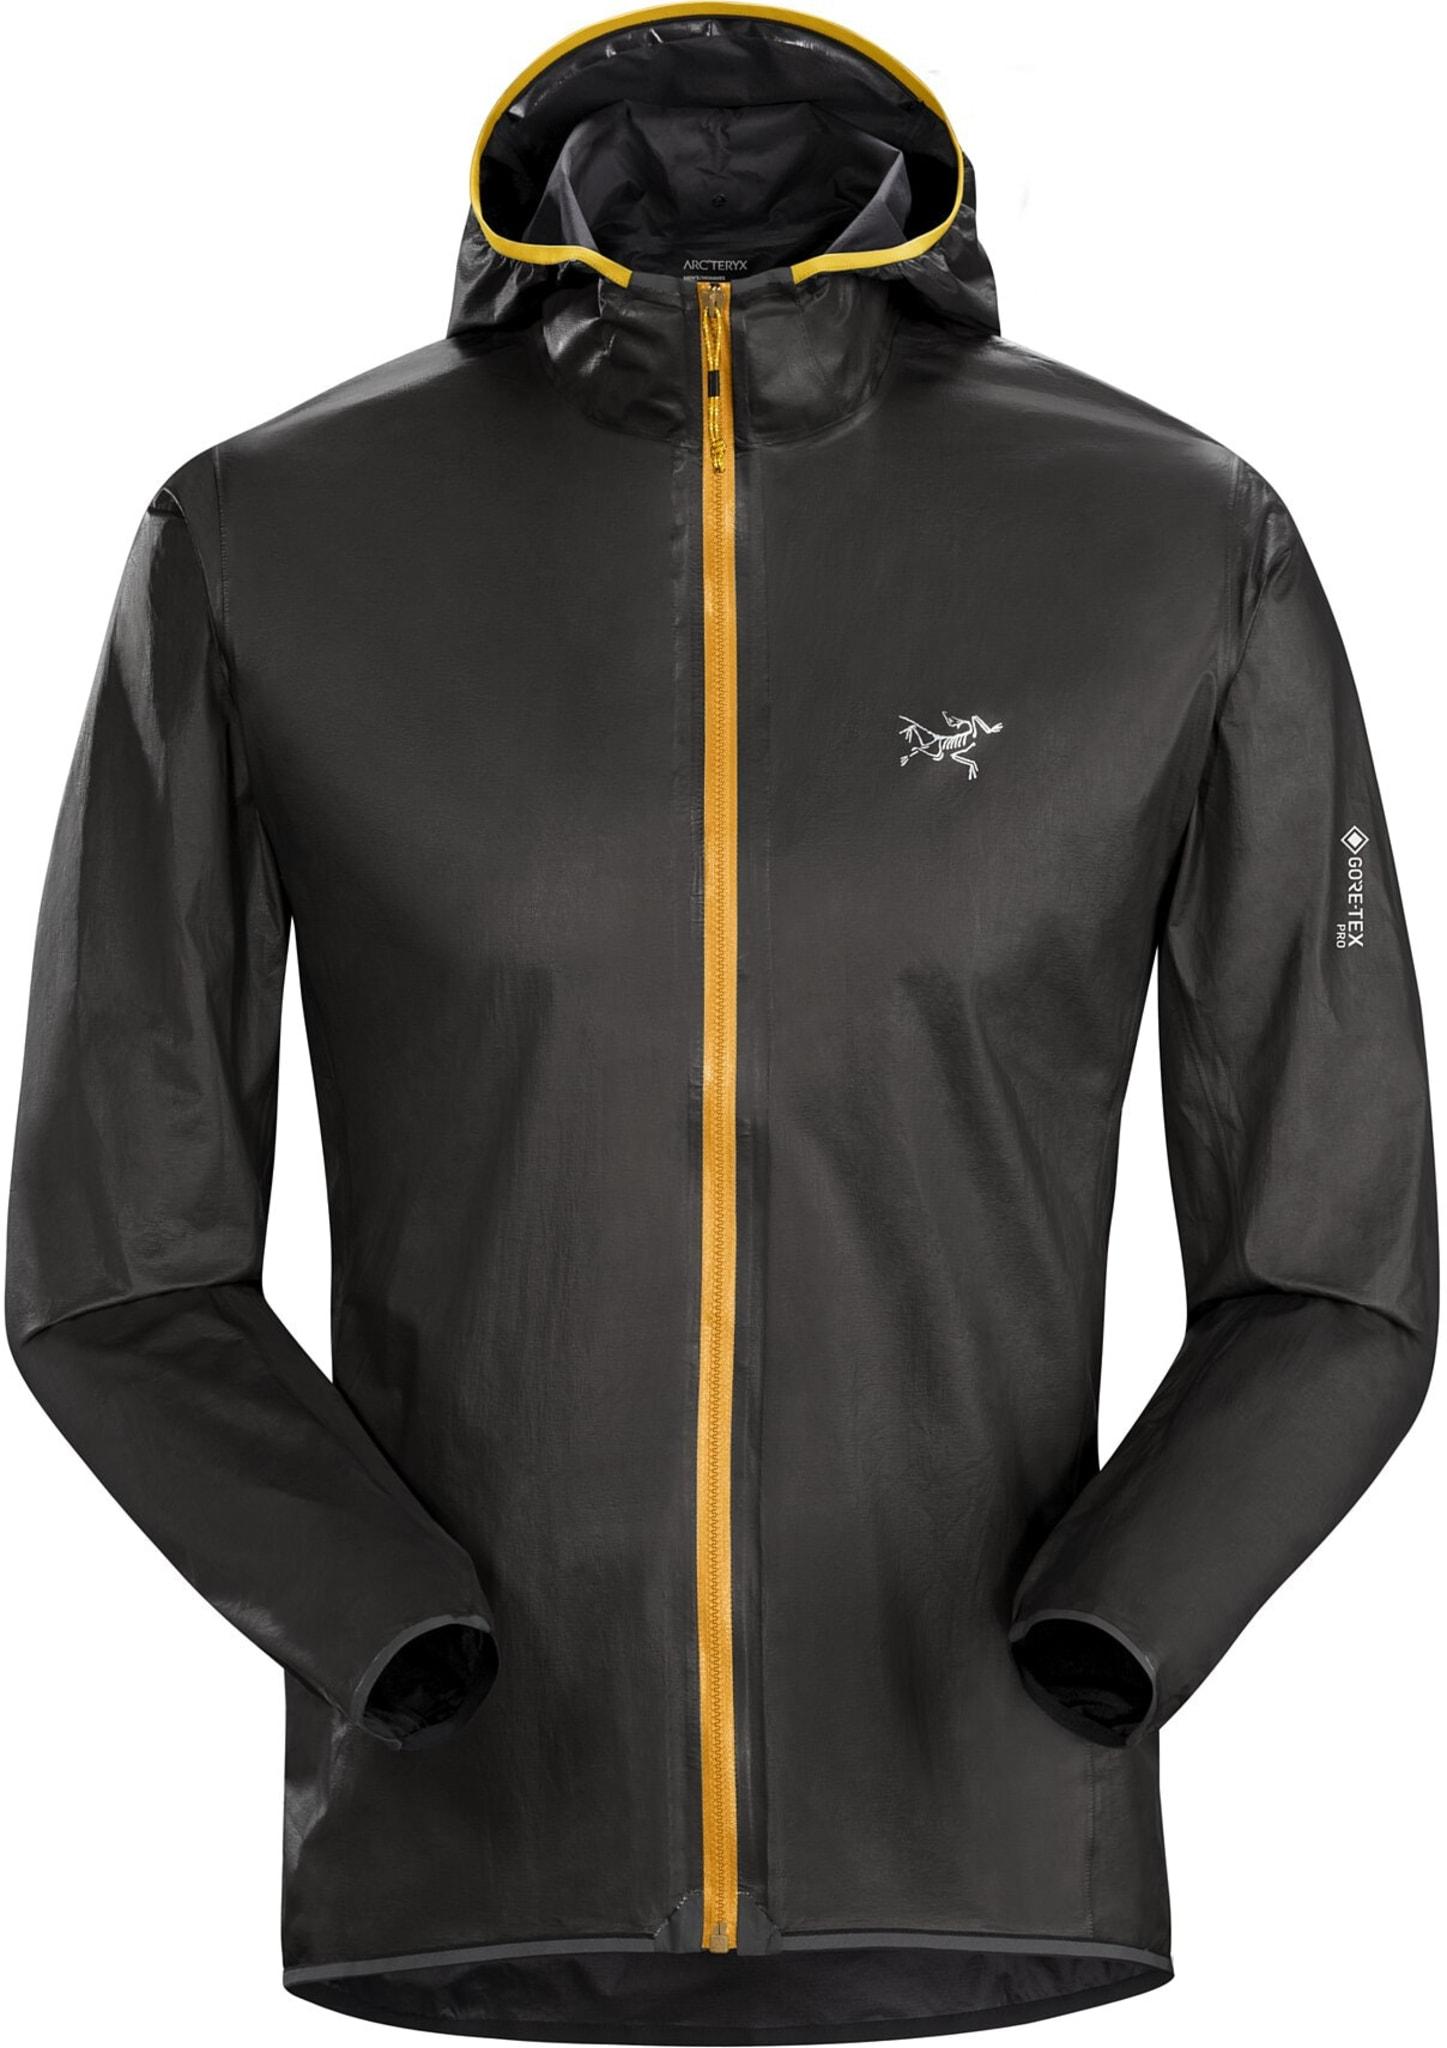 Arc'teryx' letteste og mest pustende GORE-TEX-jakke